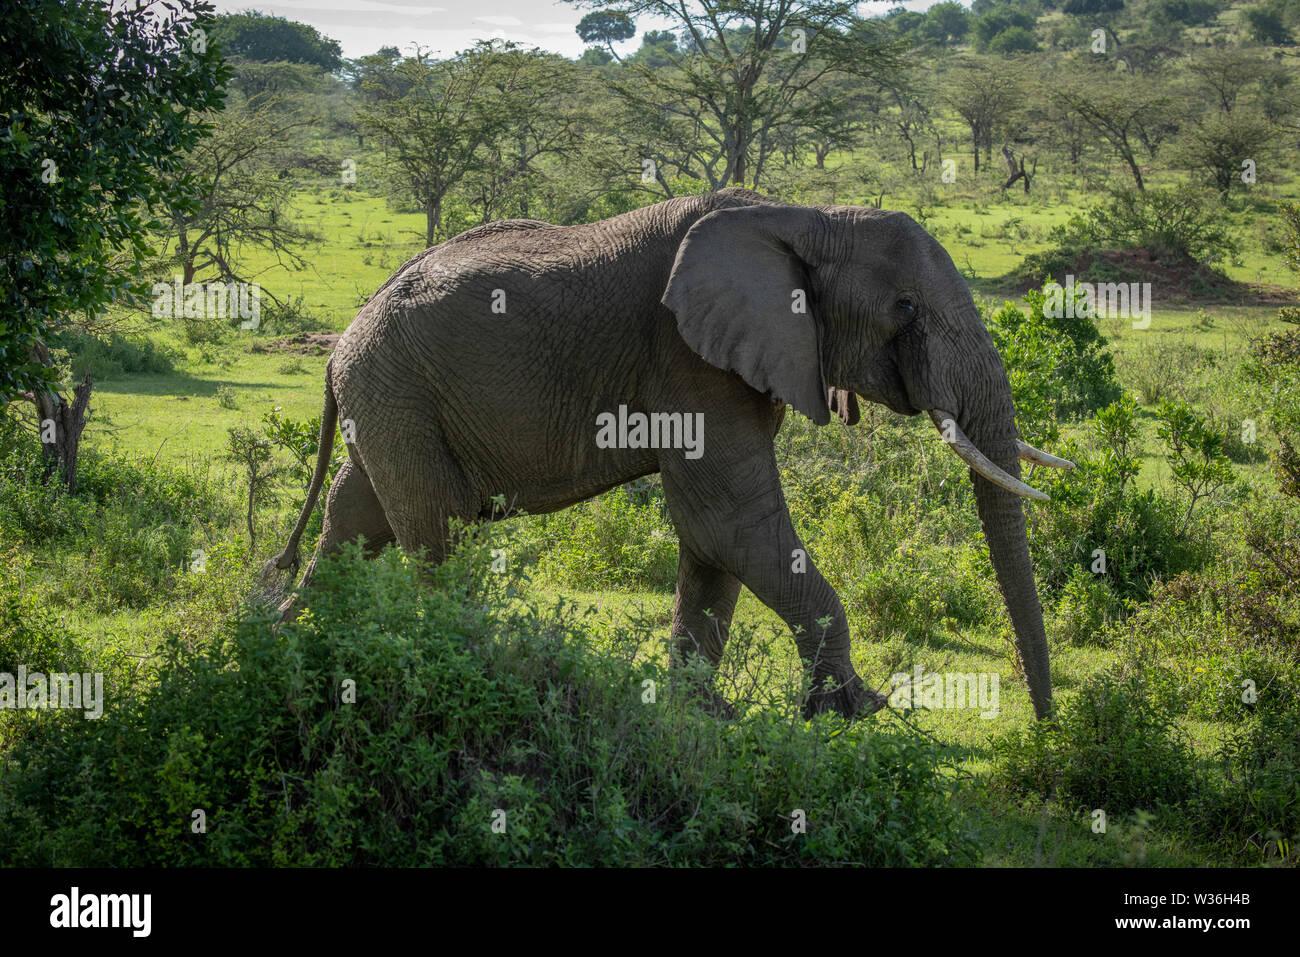 African bush elephant walks past leafy bushes - Stock Image